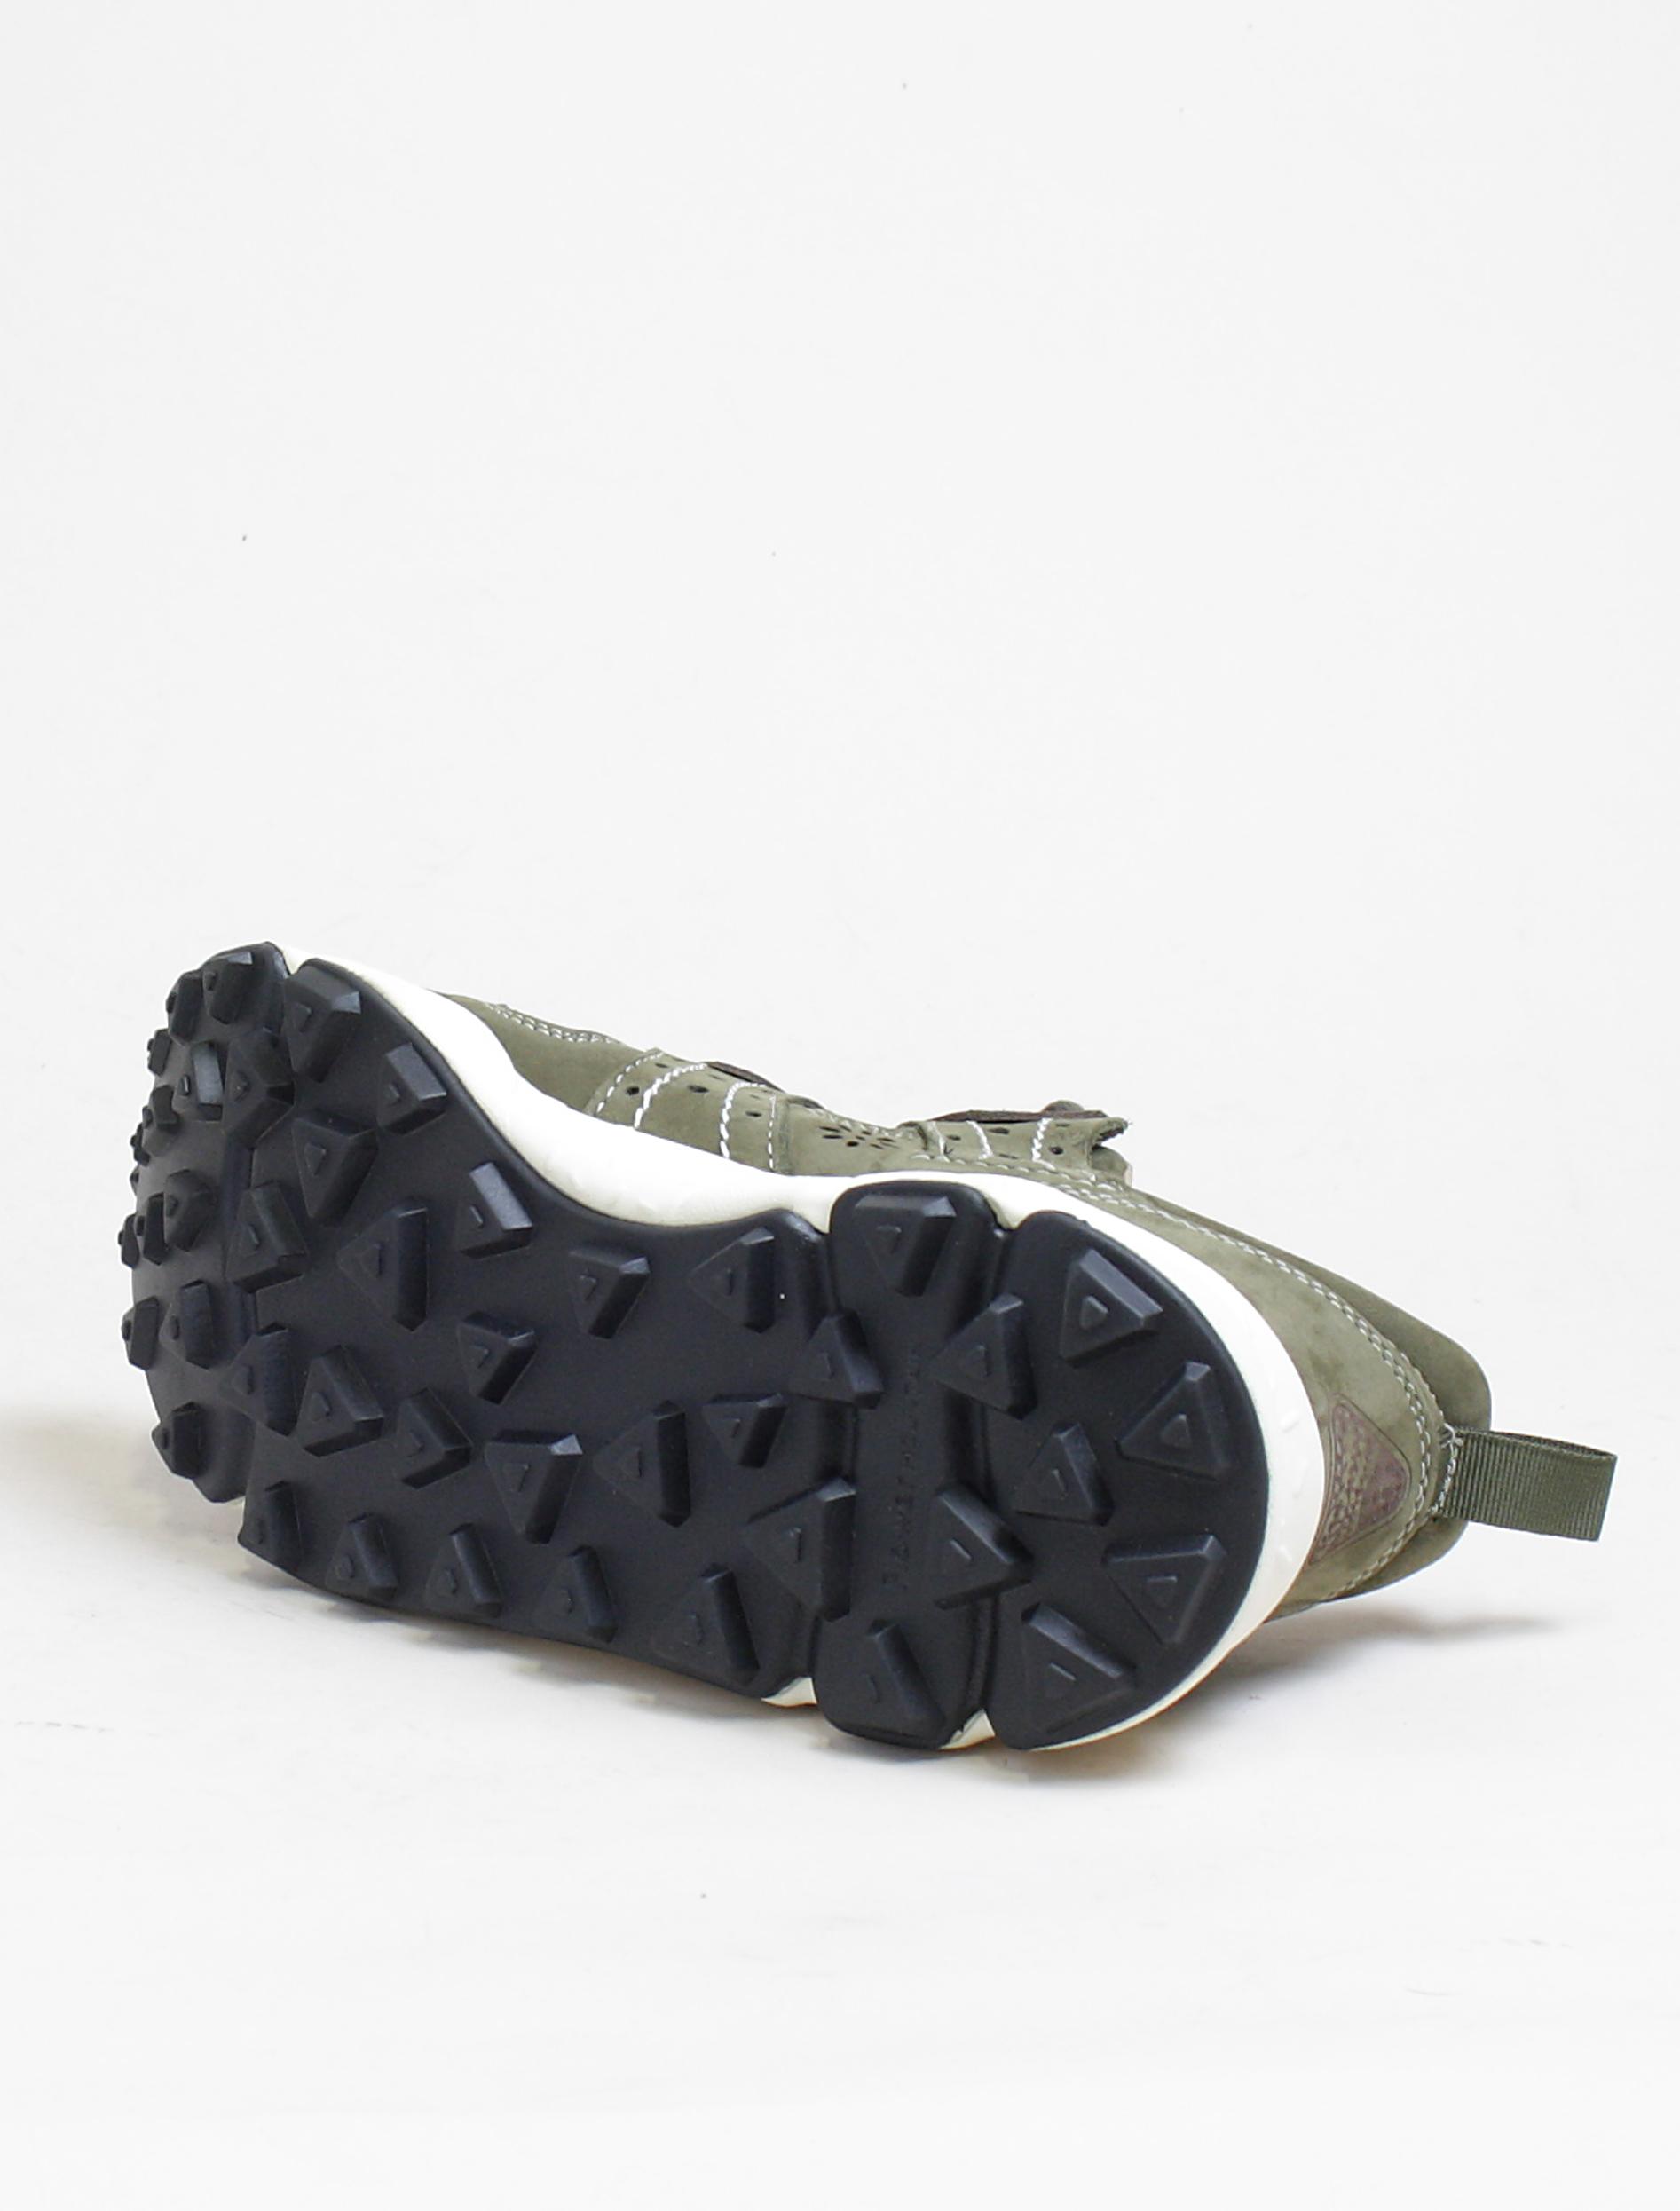 Flower Mountain sneakers Corax 2 nubuk militare dettaglio suola